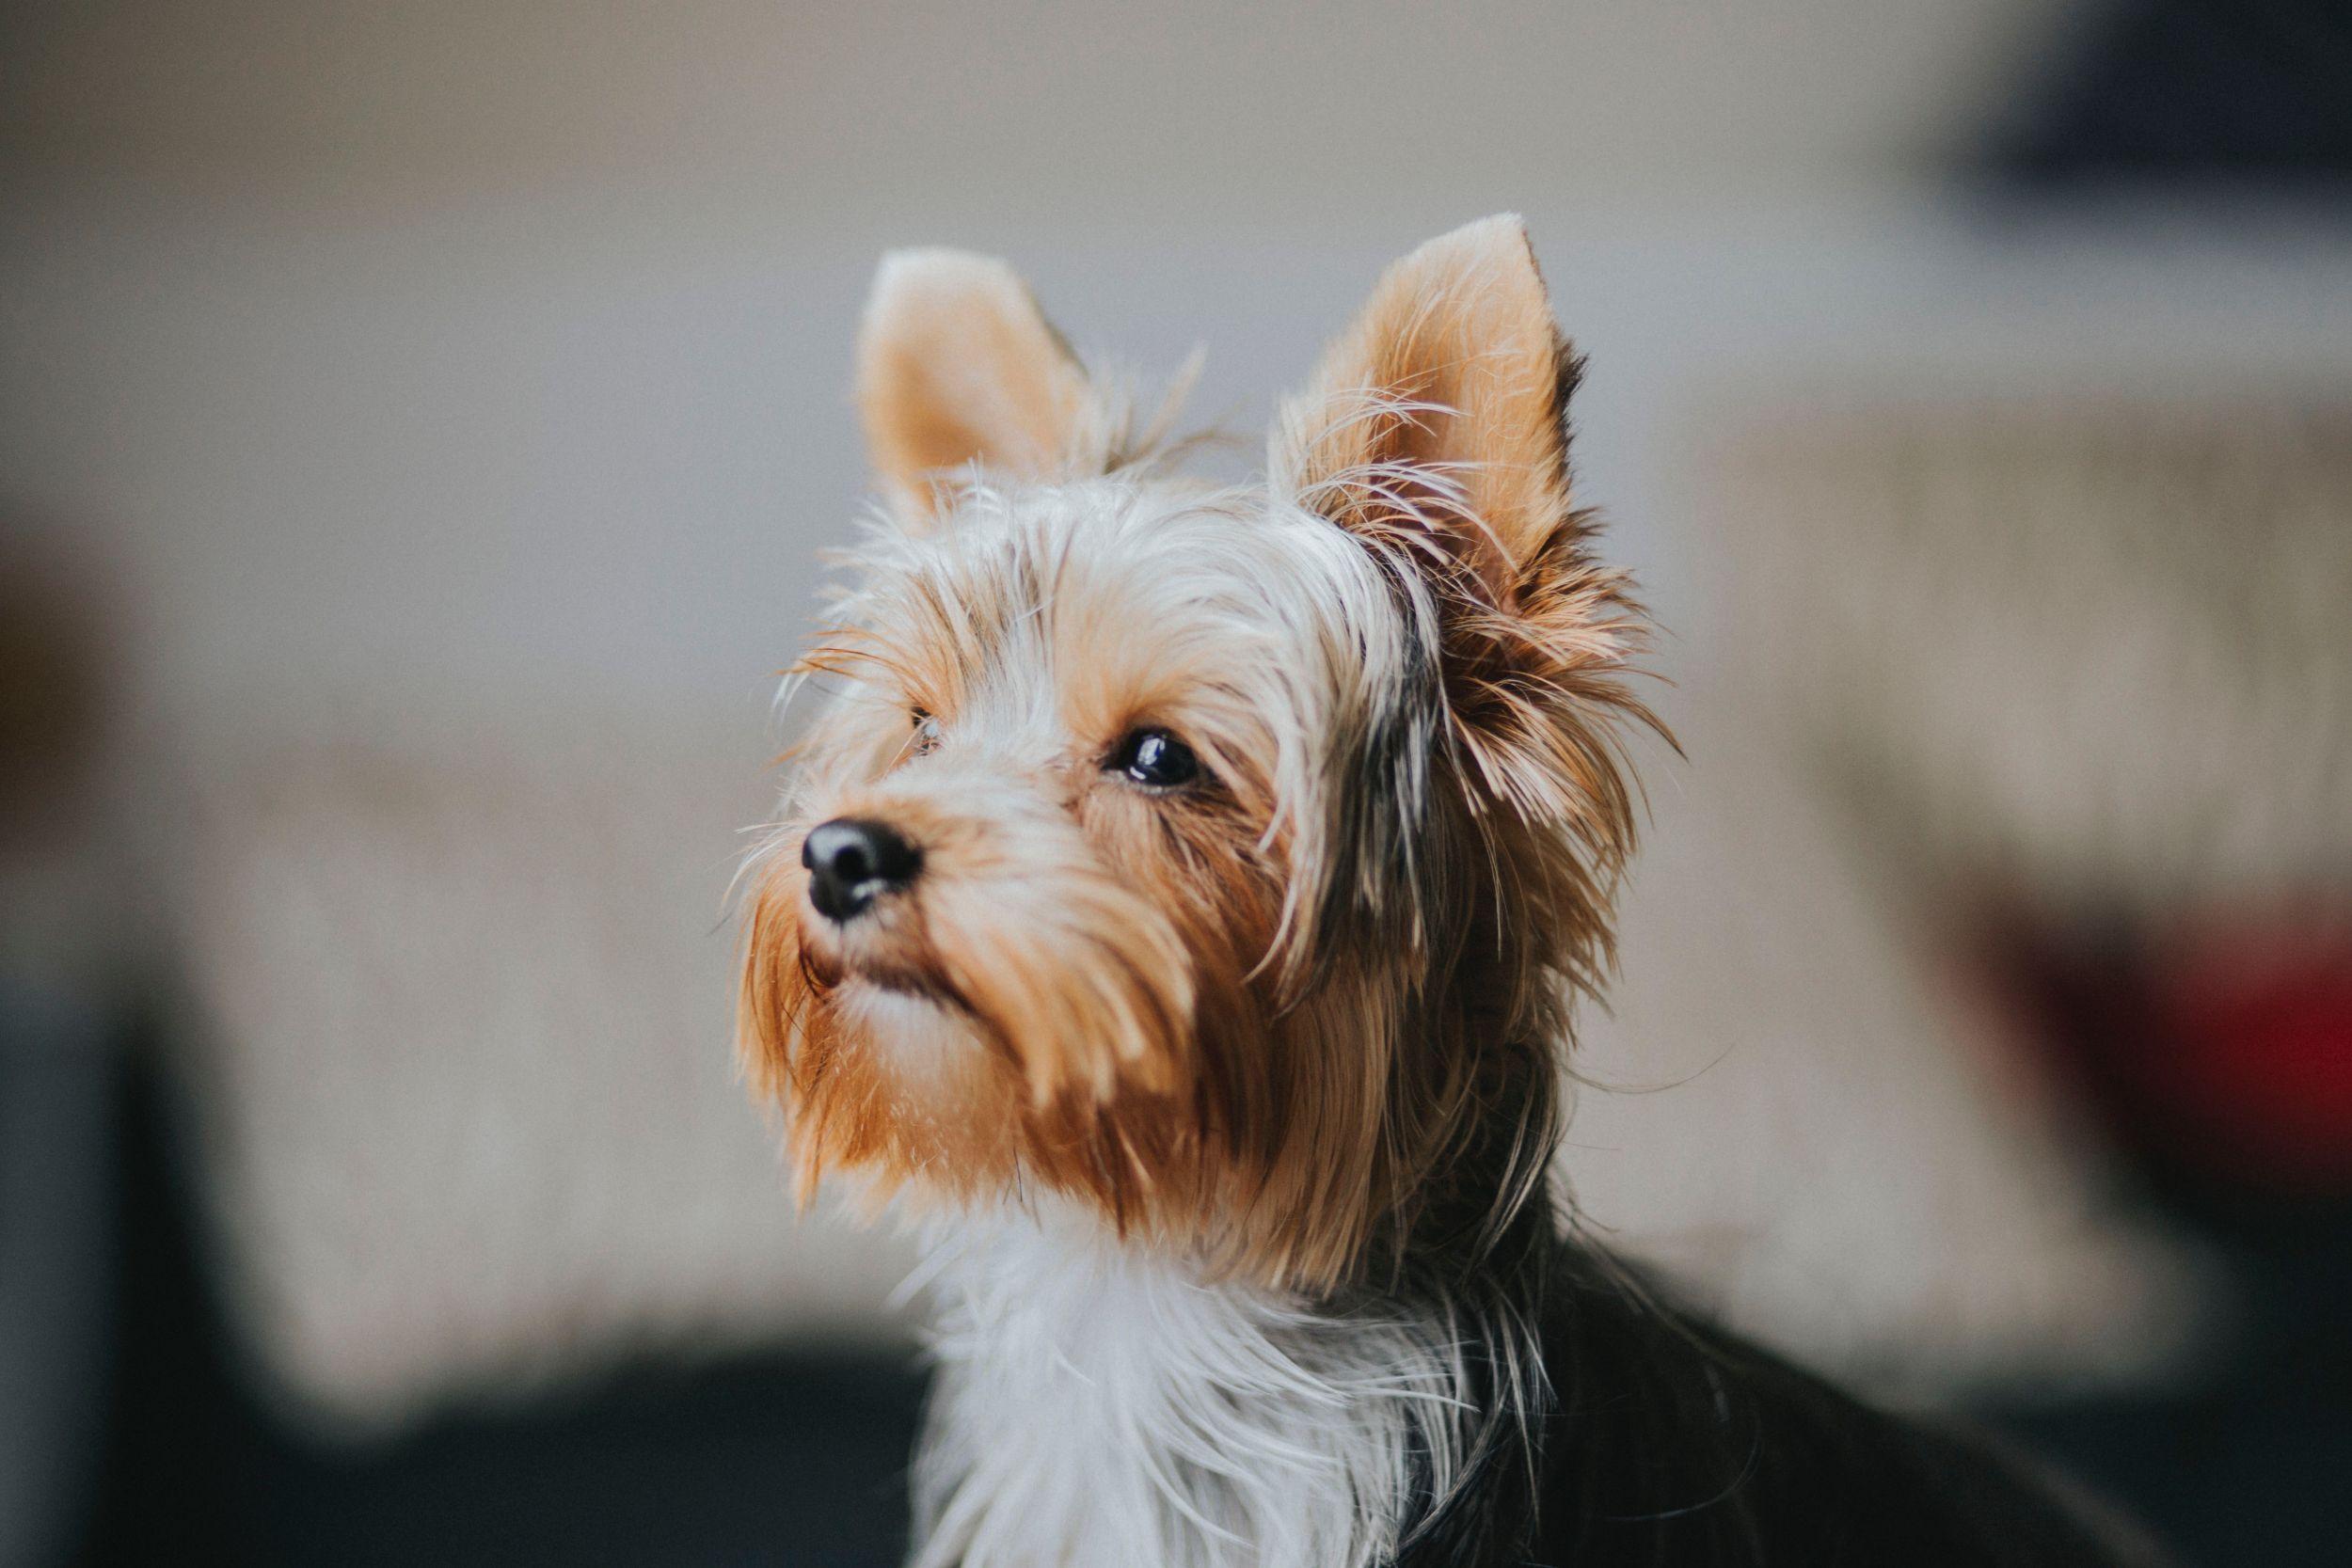 Dogilike.com :: จัดอันดับ 5 สายพันธุ์น้องหมาอ่อนโยนเหมาะเลี้ยงเป็นเพื่อนผู้สูงอายุ